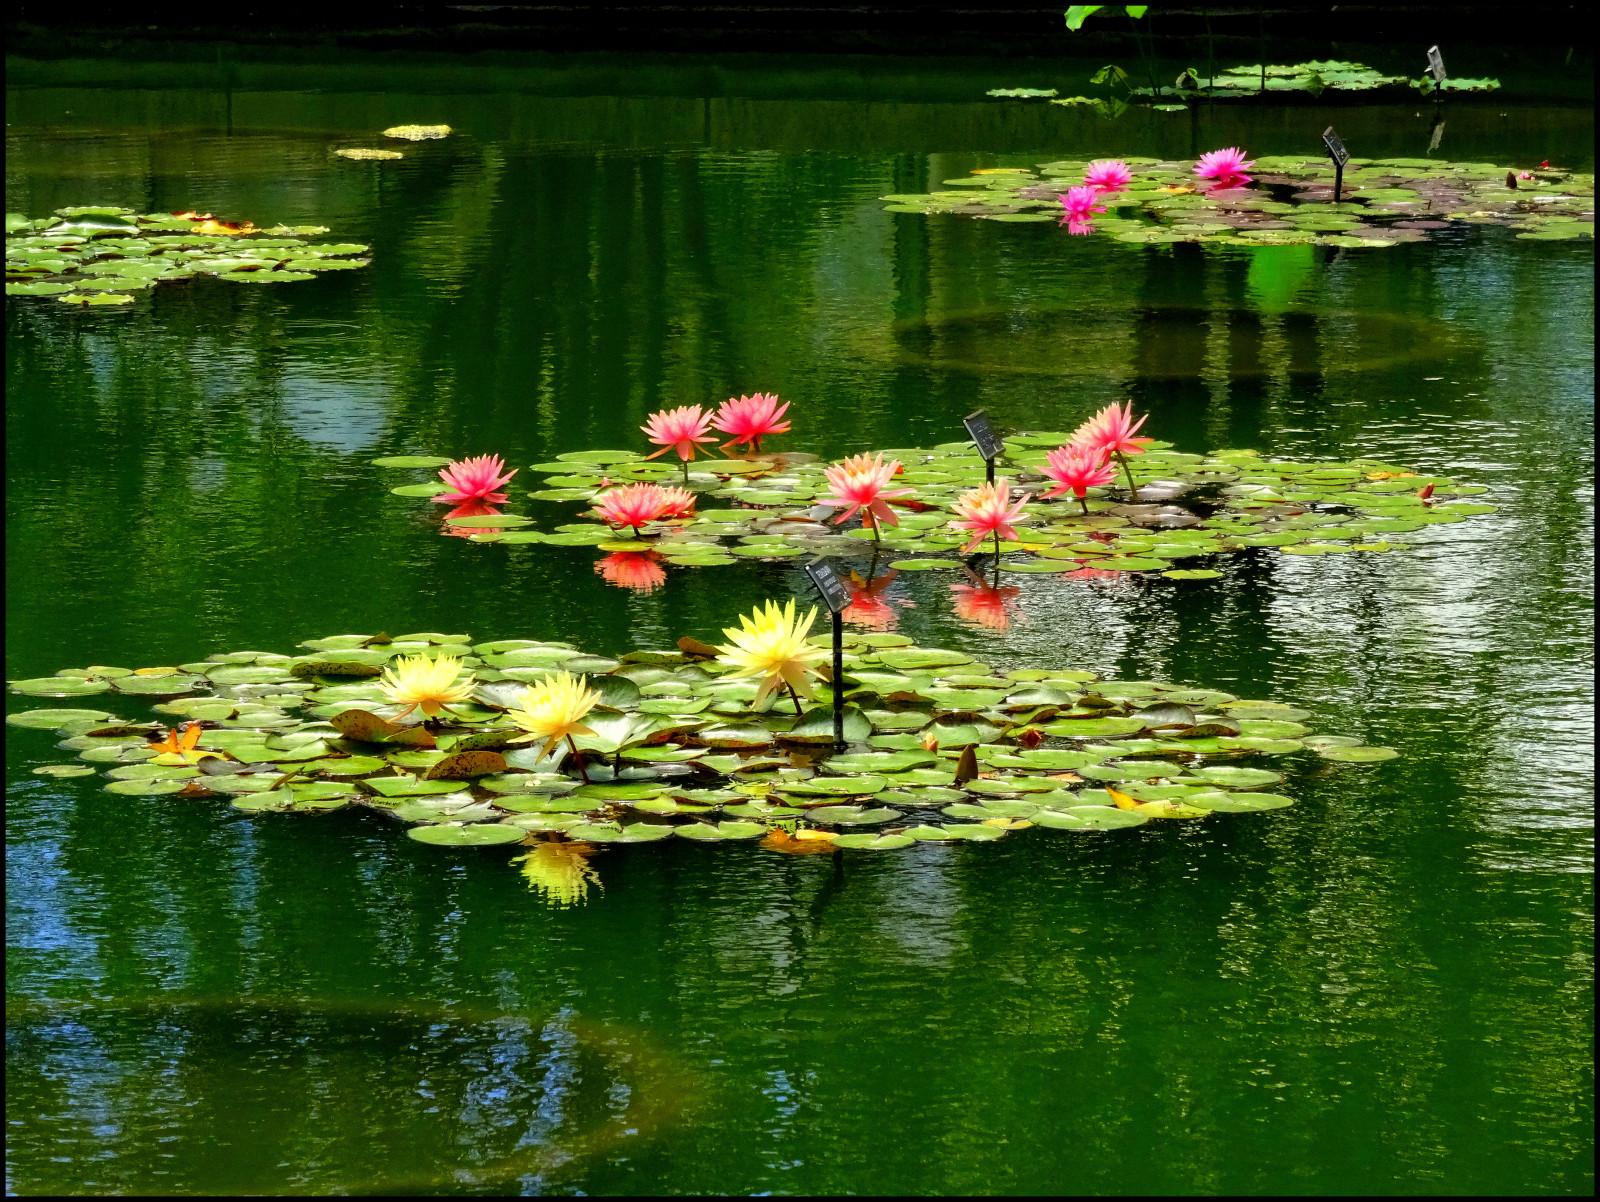 Hintergrundbilder Betrachtung Wasser Blume Natur Teich